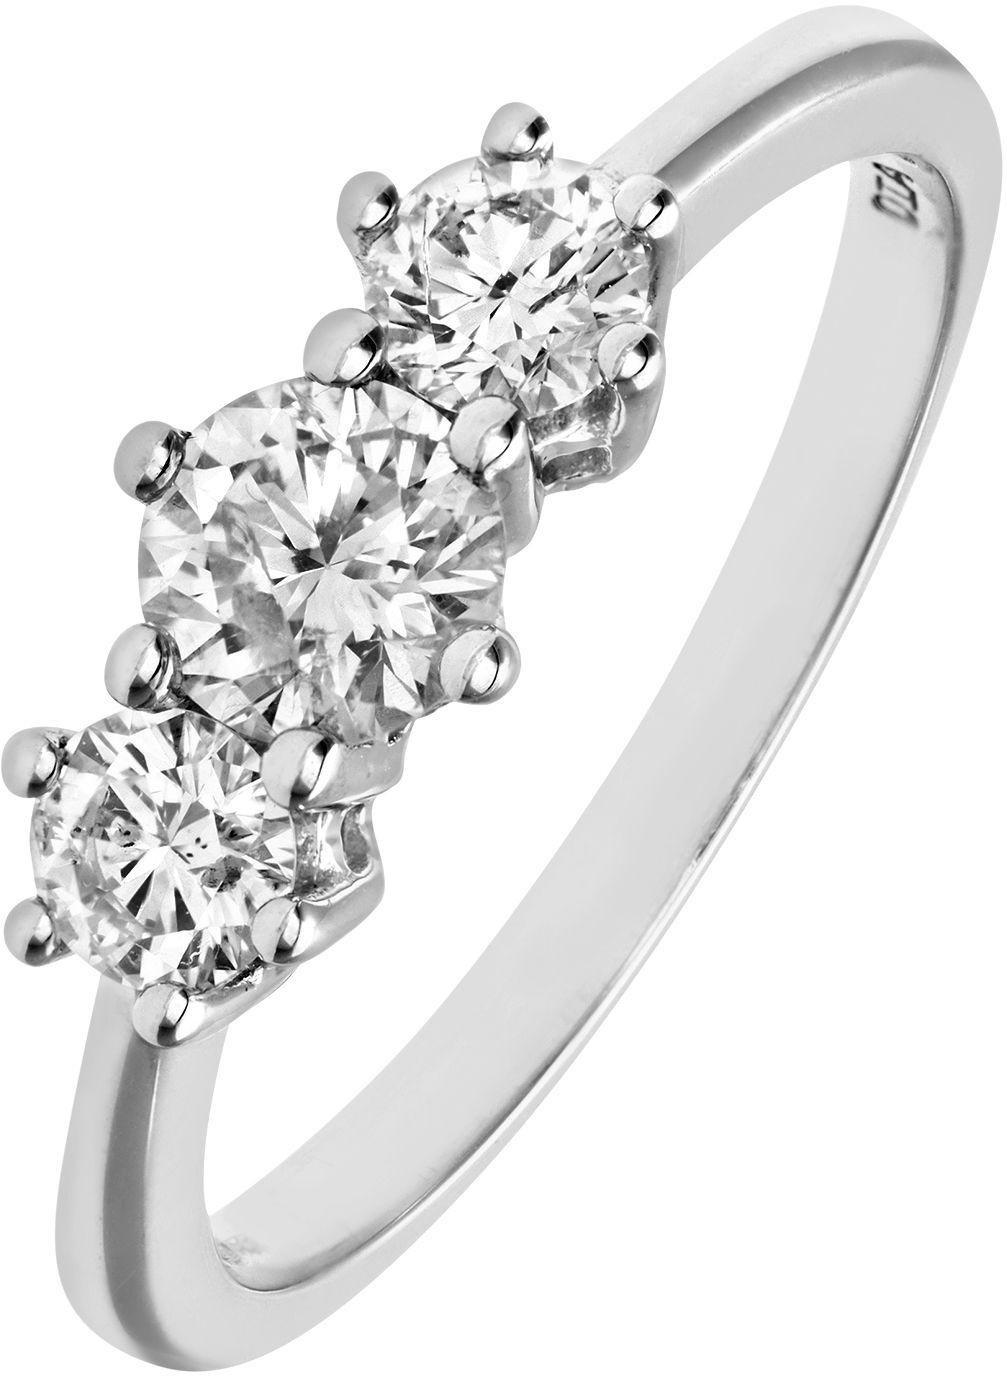 18 Carat White Gold 075 Carat Diamond - Ring - Size K